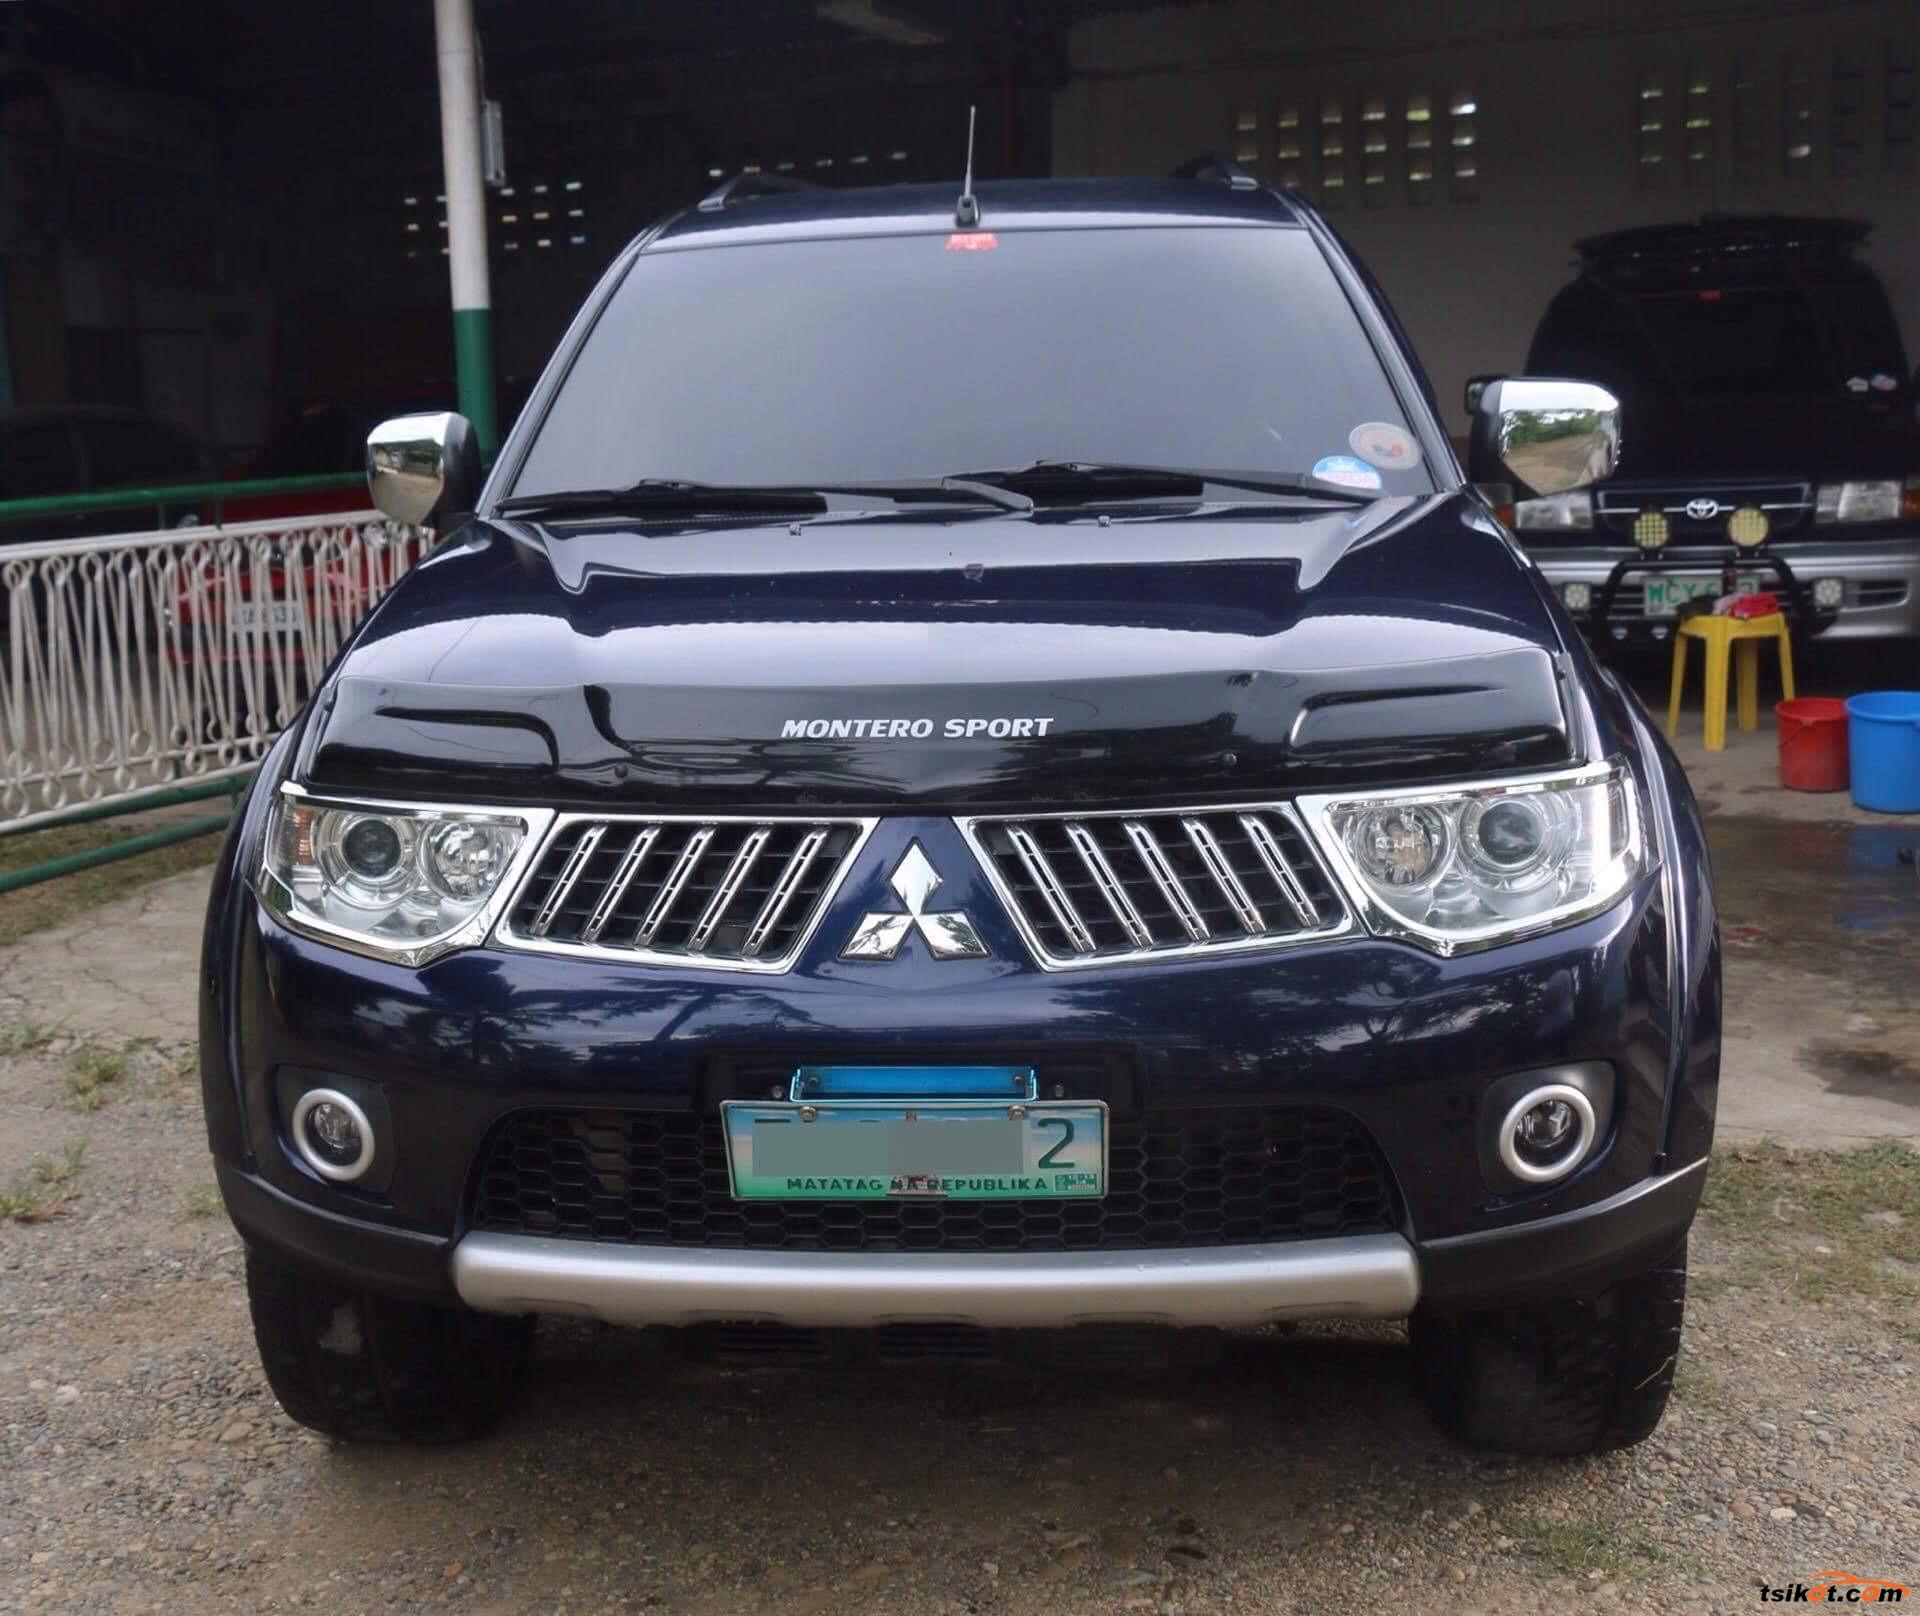 2006 Mitsubishi Montero For Sale: Car For Sale Central Luzon